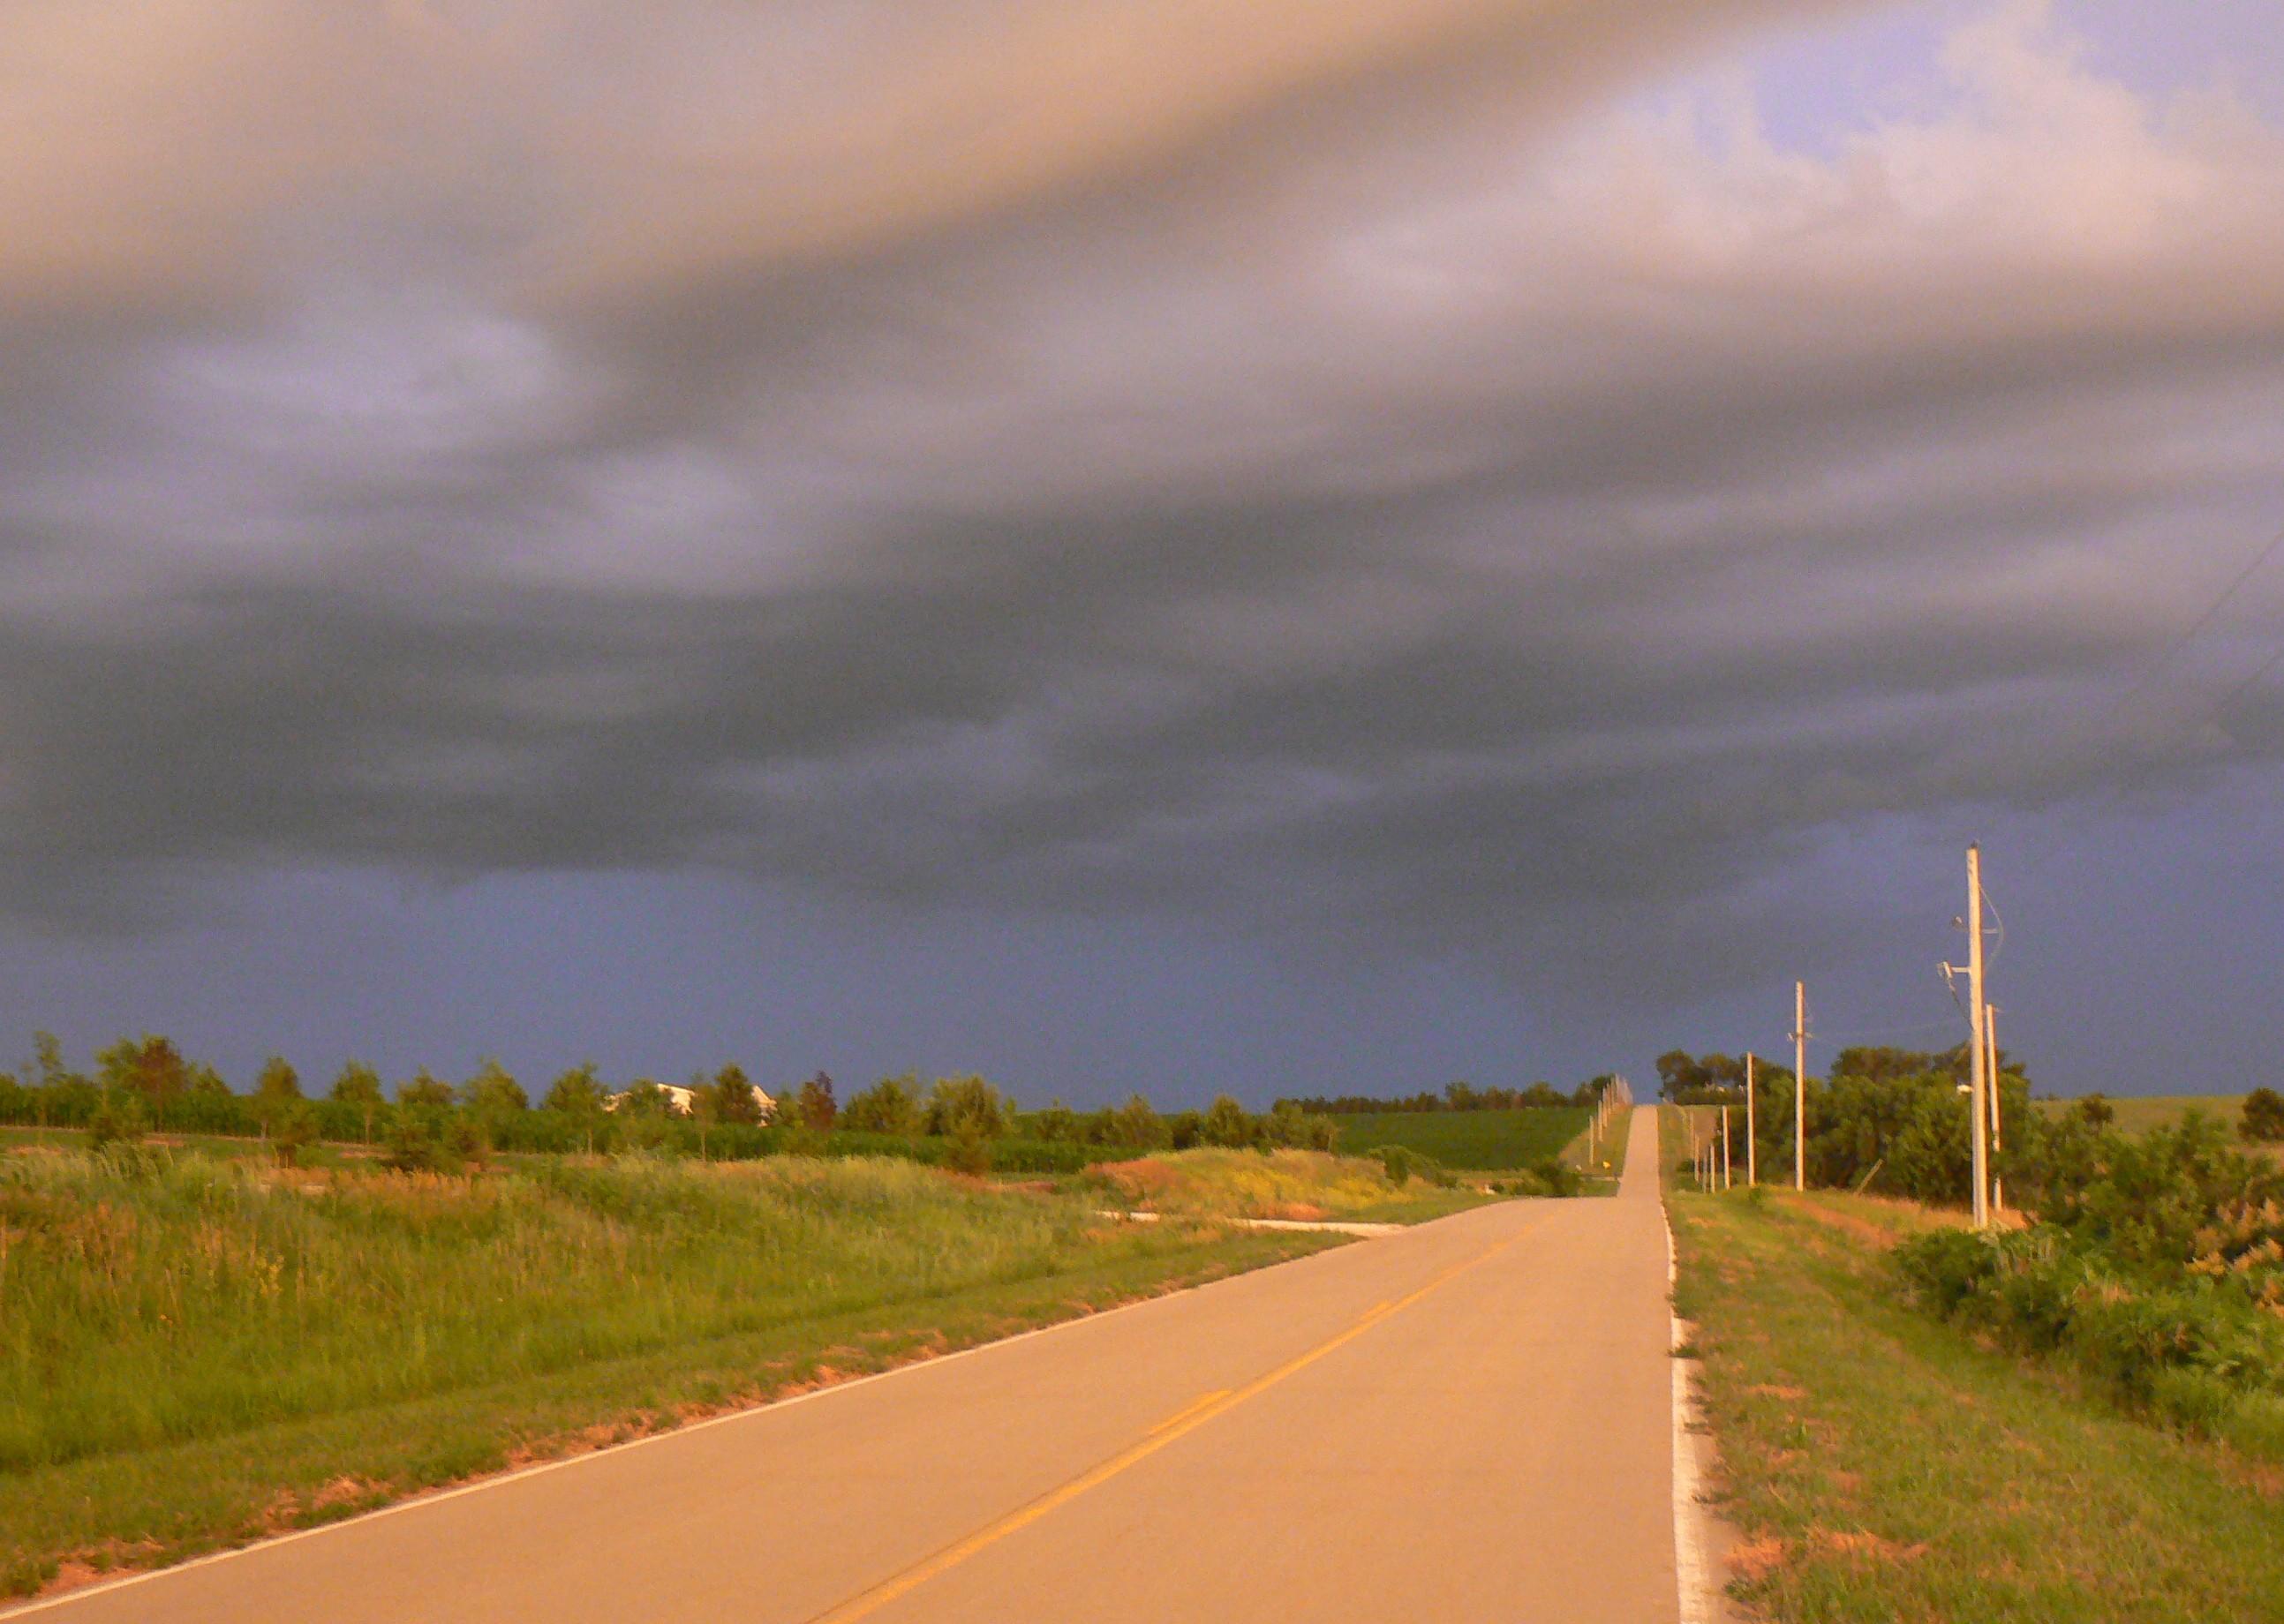 Description clouds cass county nebraska jpg